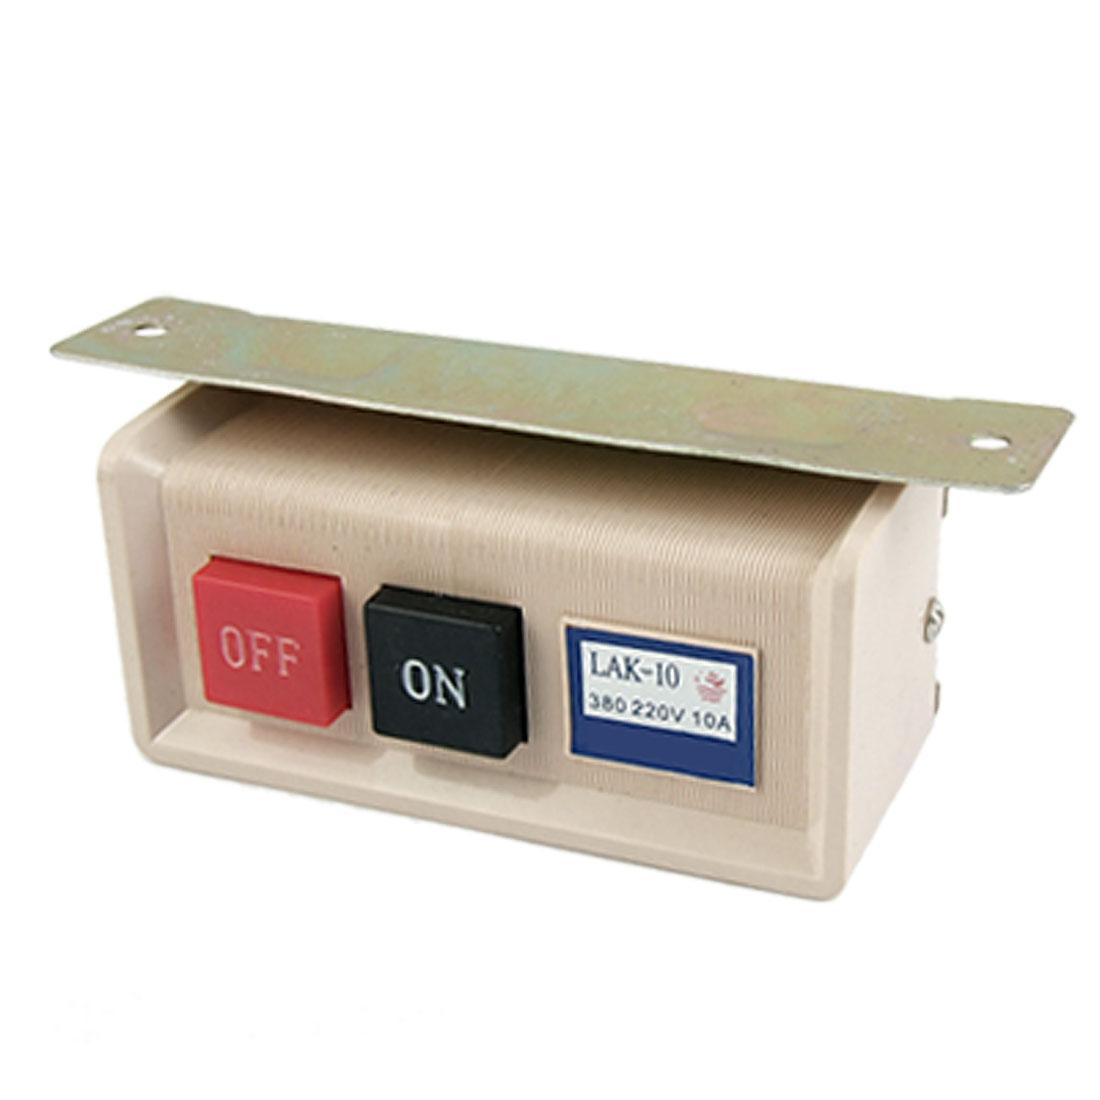 UXCELL Machine à coudre industrielle bouton poussoir interrupteur marche/arrêt idéal pour Machine à coudre AC 380 V 220 V 10A plastique métal offre spéciale